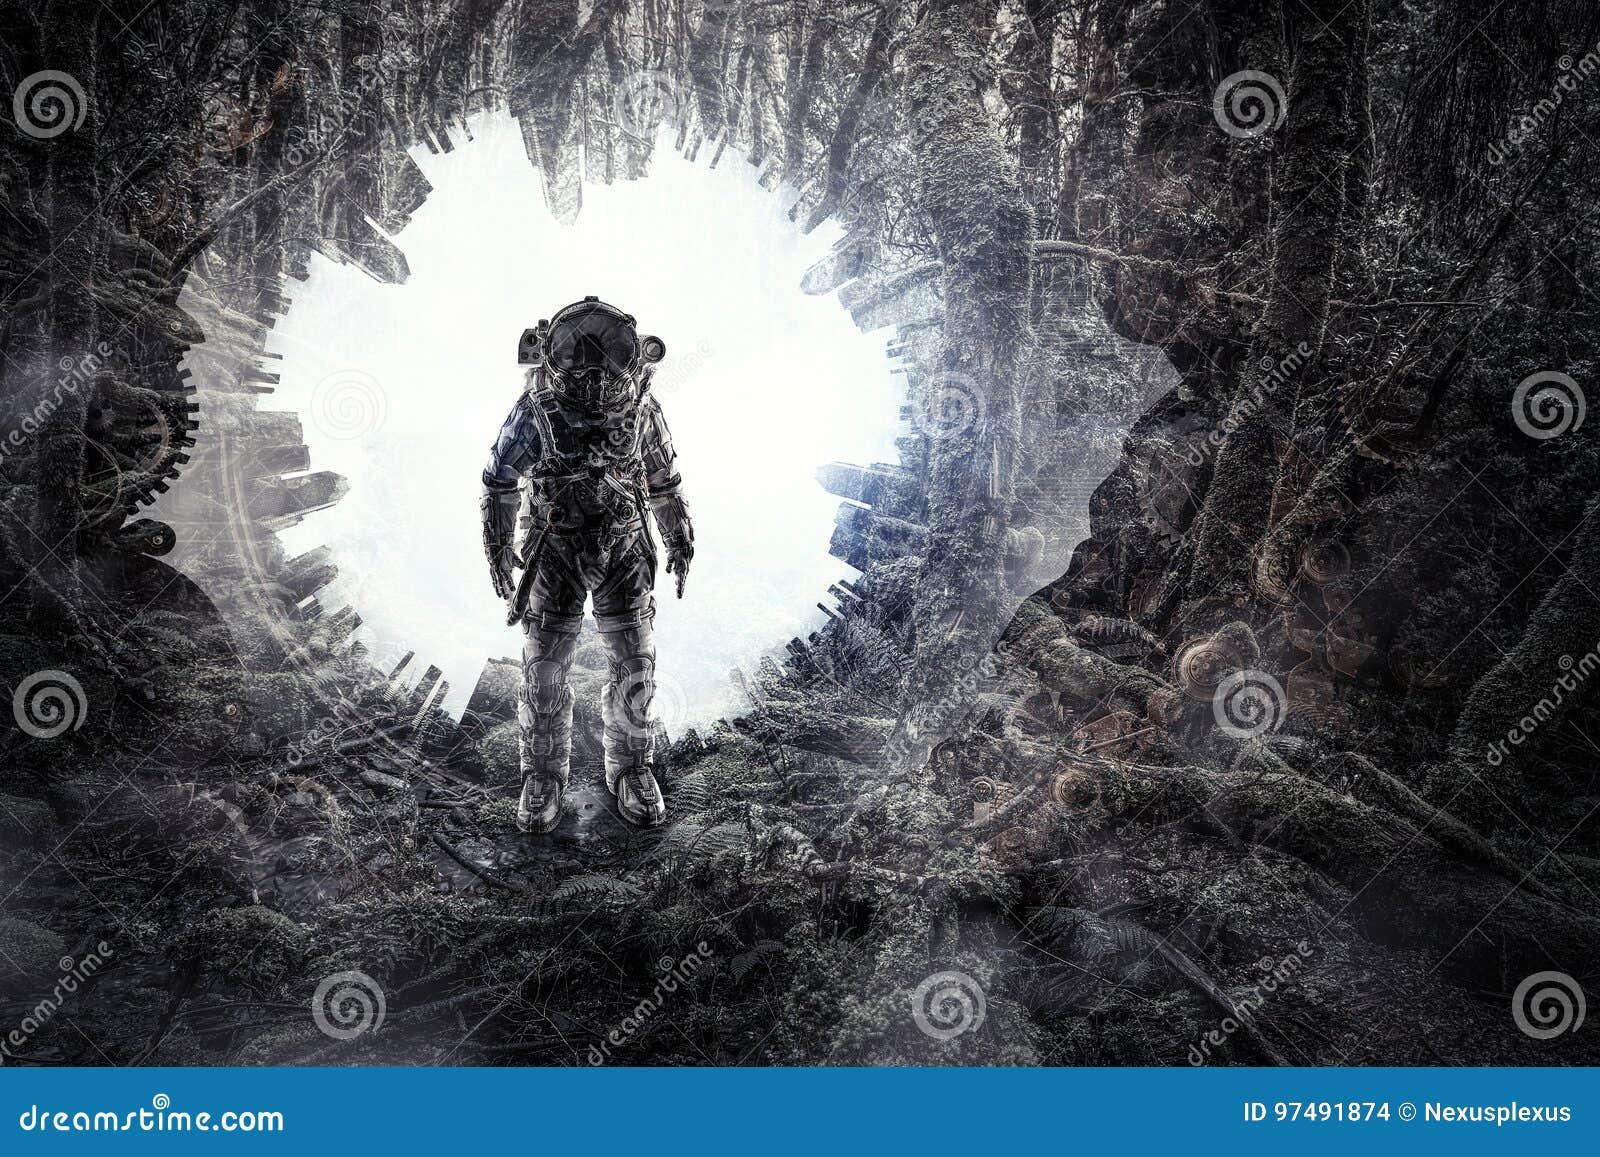 Astronauta in foresta Media misti